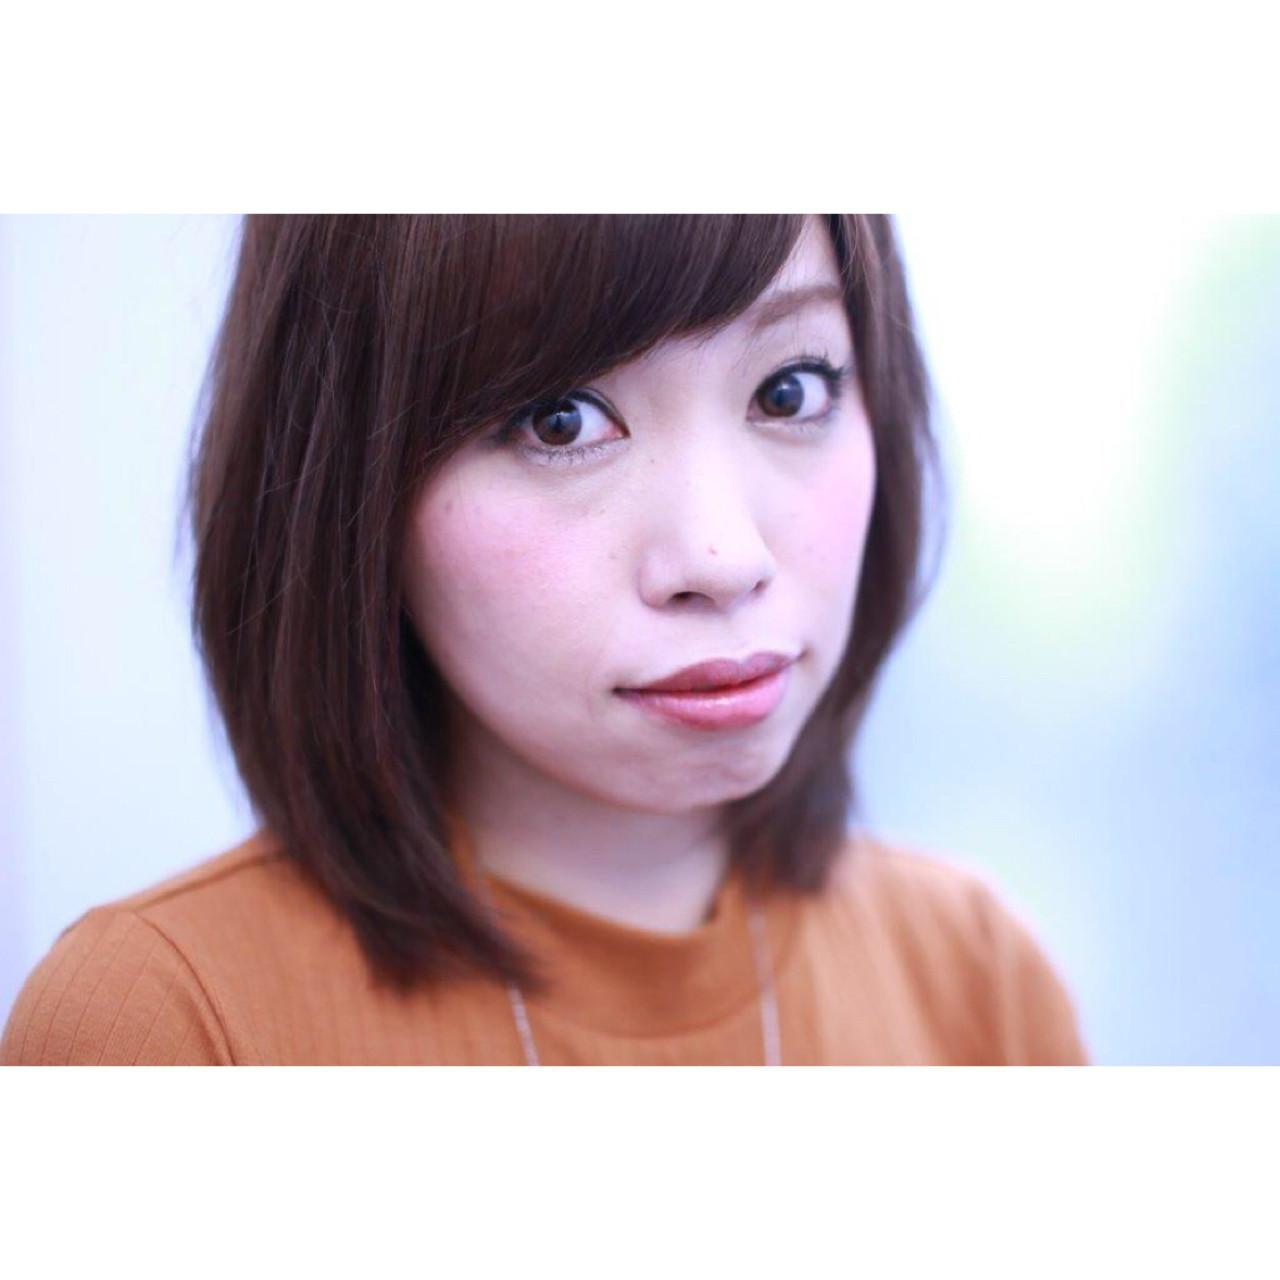 ミディアム ボブ 色気 ピンク ヘアスタイルや髪型の写真・画像   Yumi Hiramatsu / Sourire Imaizumi【スーリール イマイズミ】